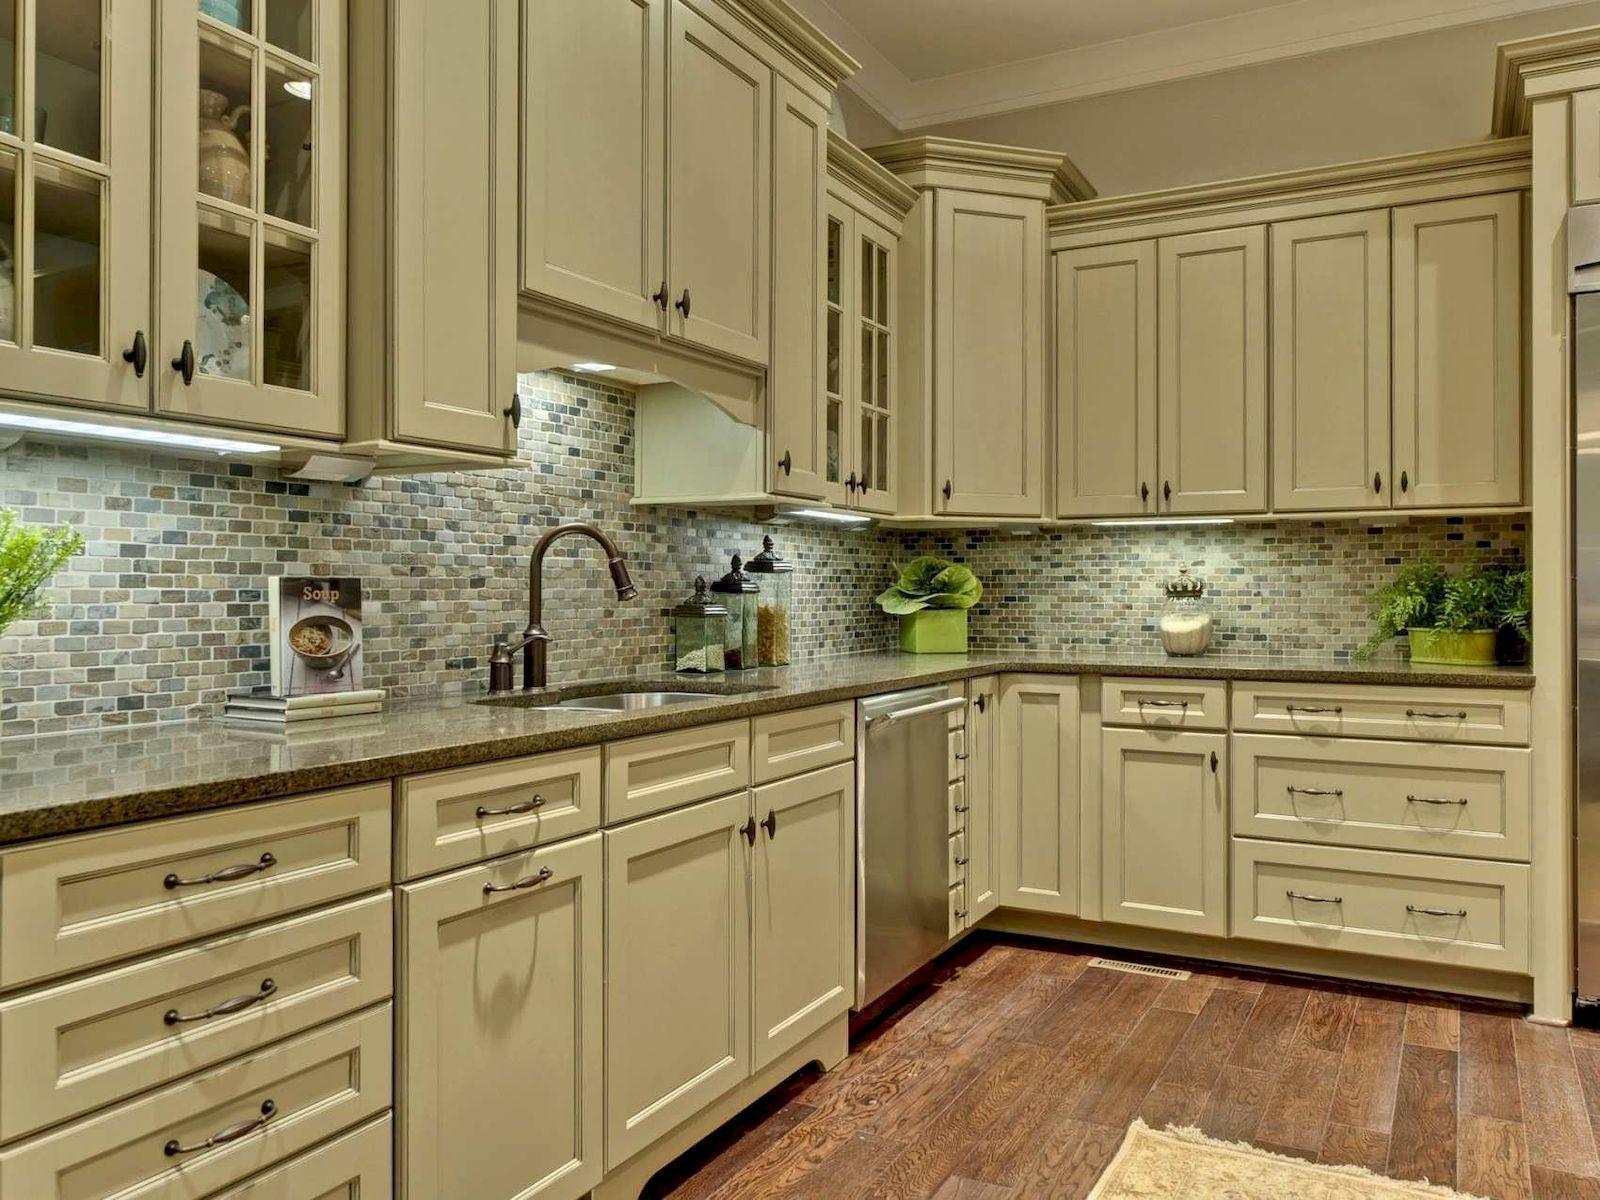 Country Kitchen Decor Countrykitchenideasforsmall Green Kitchen Designs Green Kitchen Cabinets Beige Kitchen